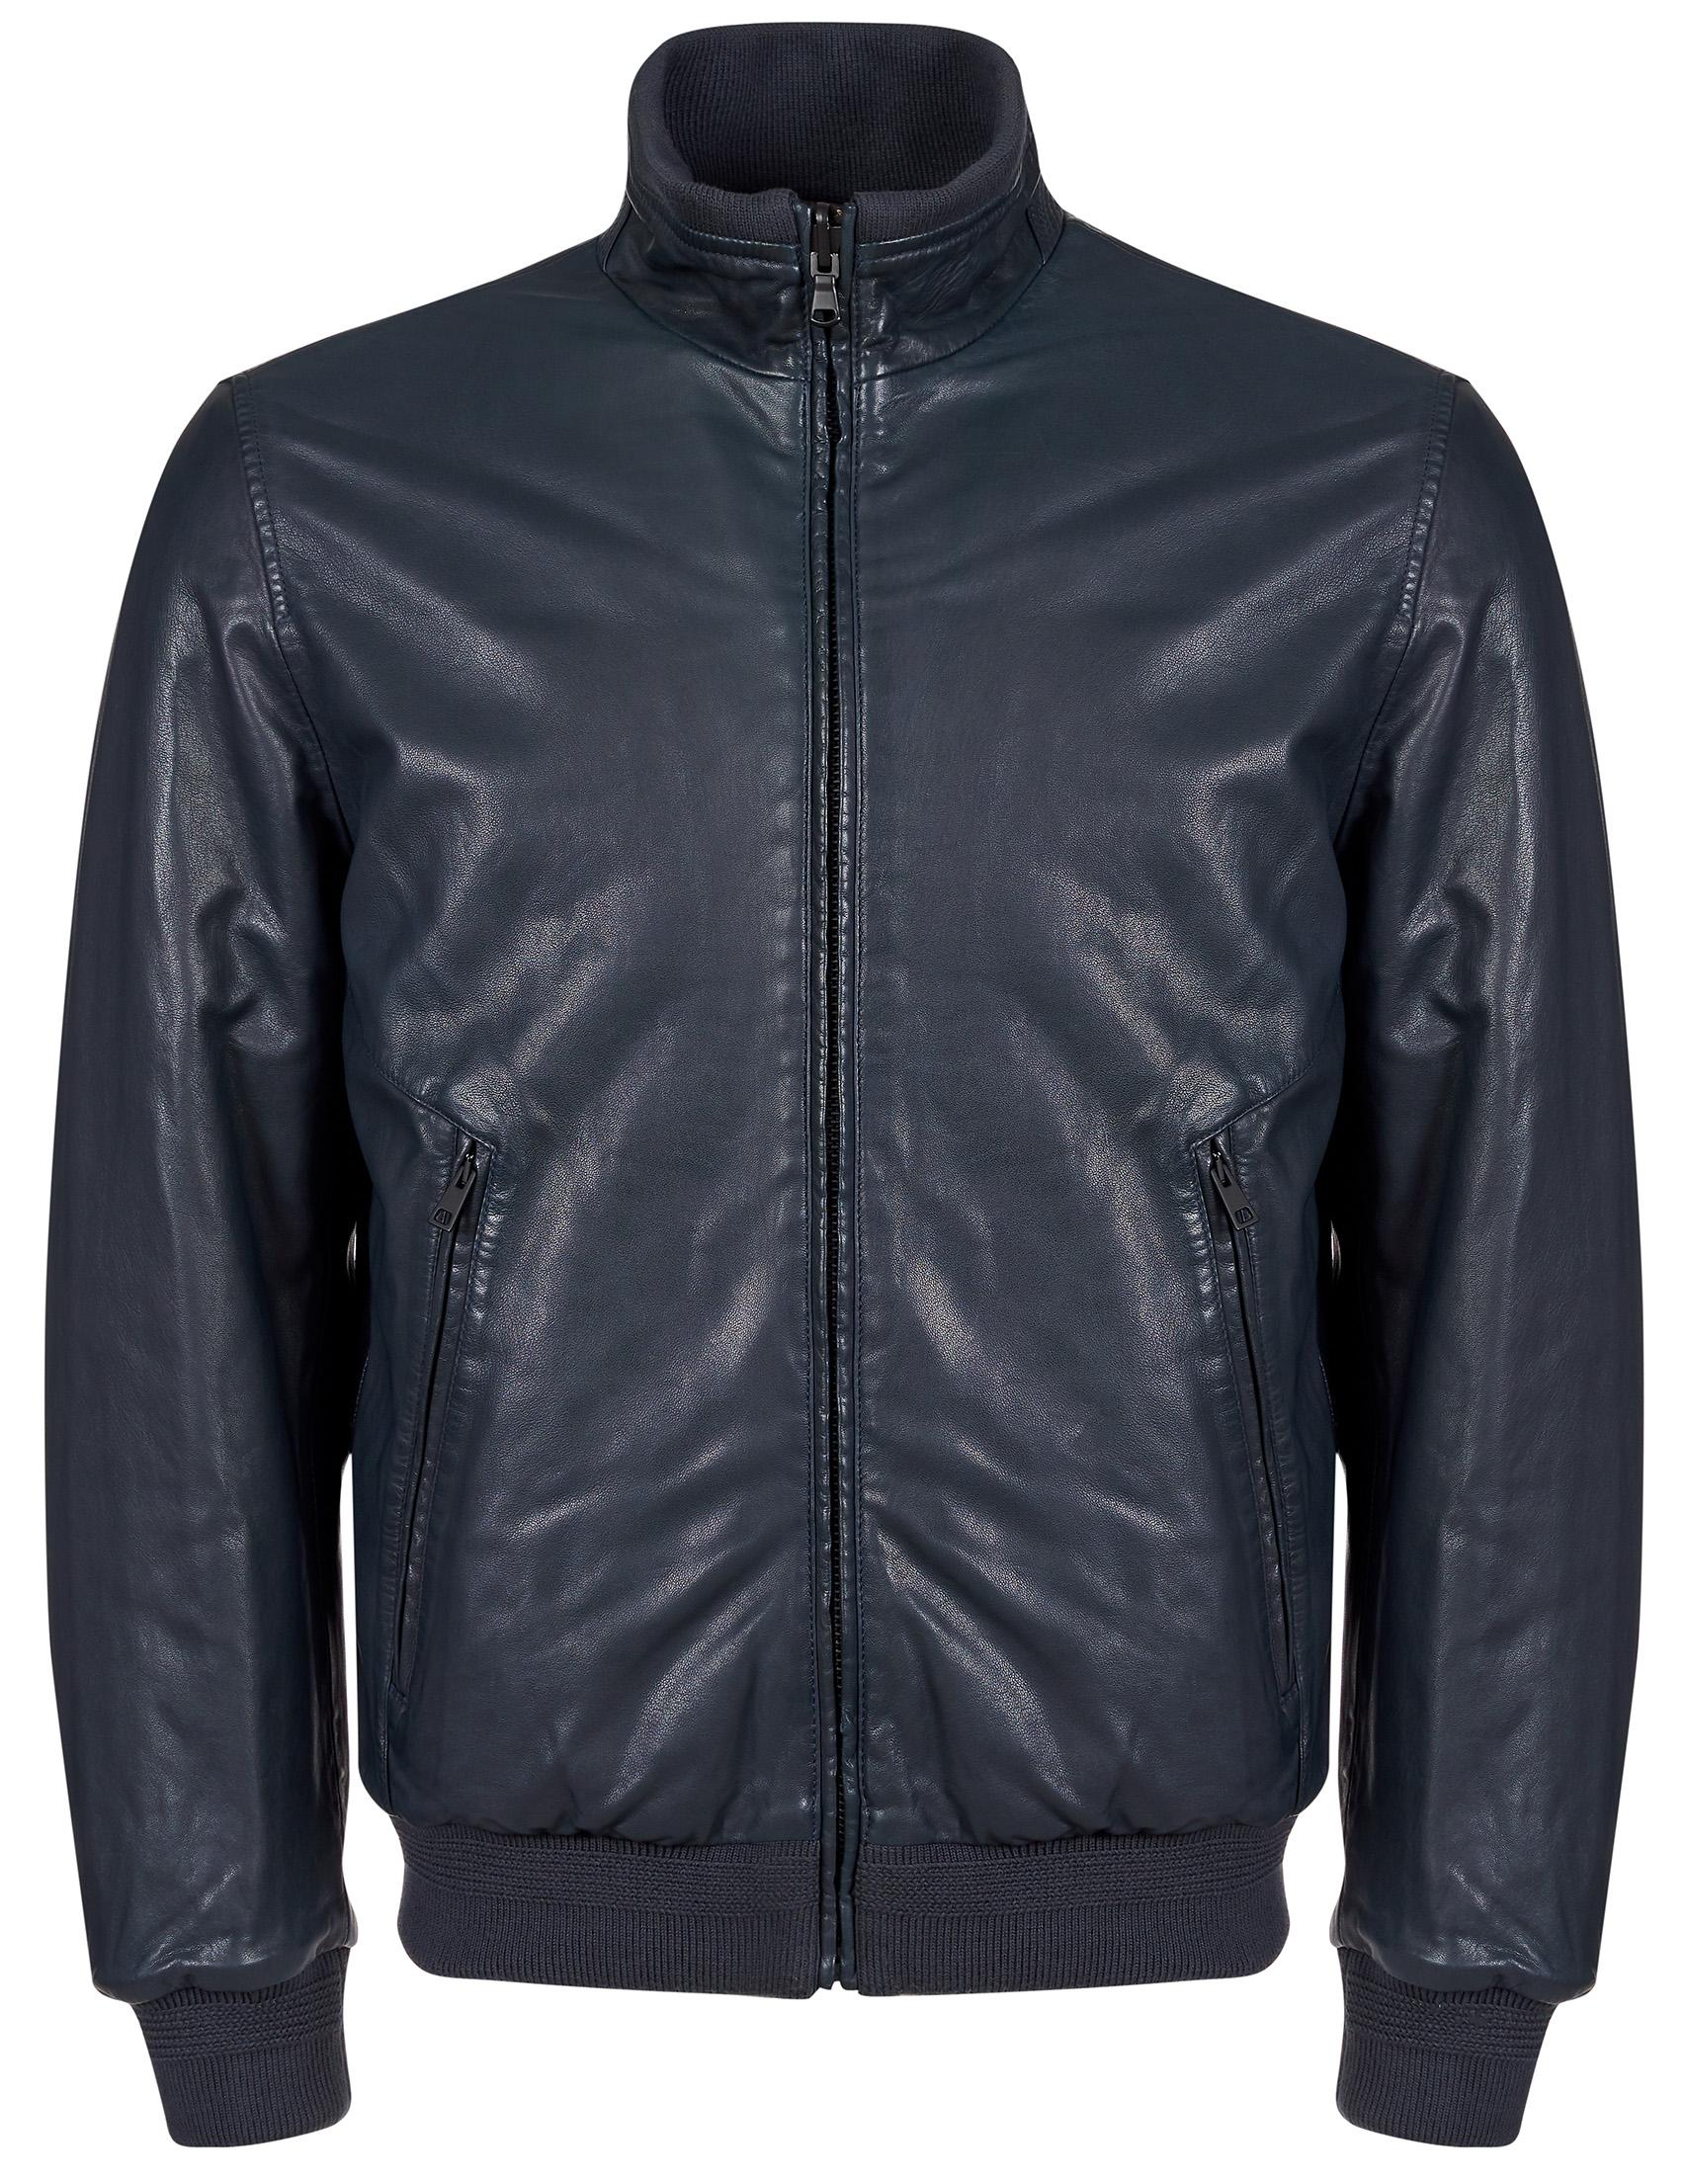 Купить Куртки, Куртка, GALLOTTI, Синий, 100%Кожа;100%Полиэстер;100%Шерсть, Осень-Зима